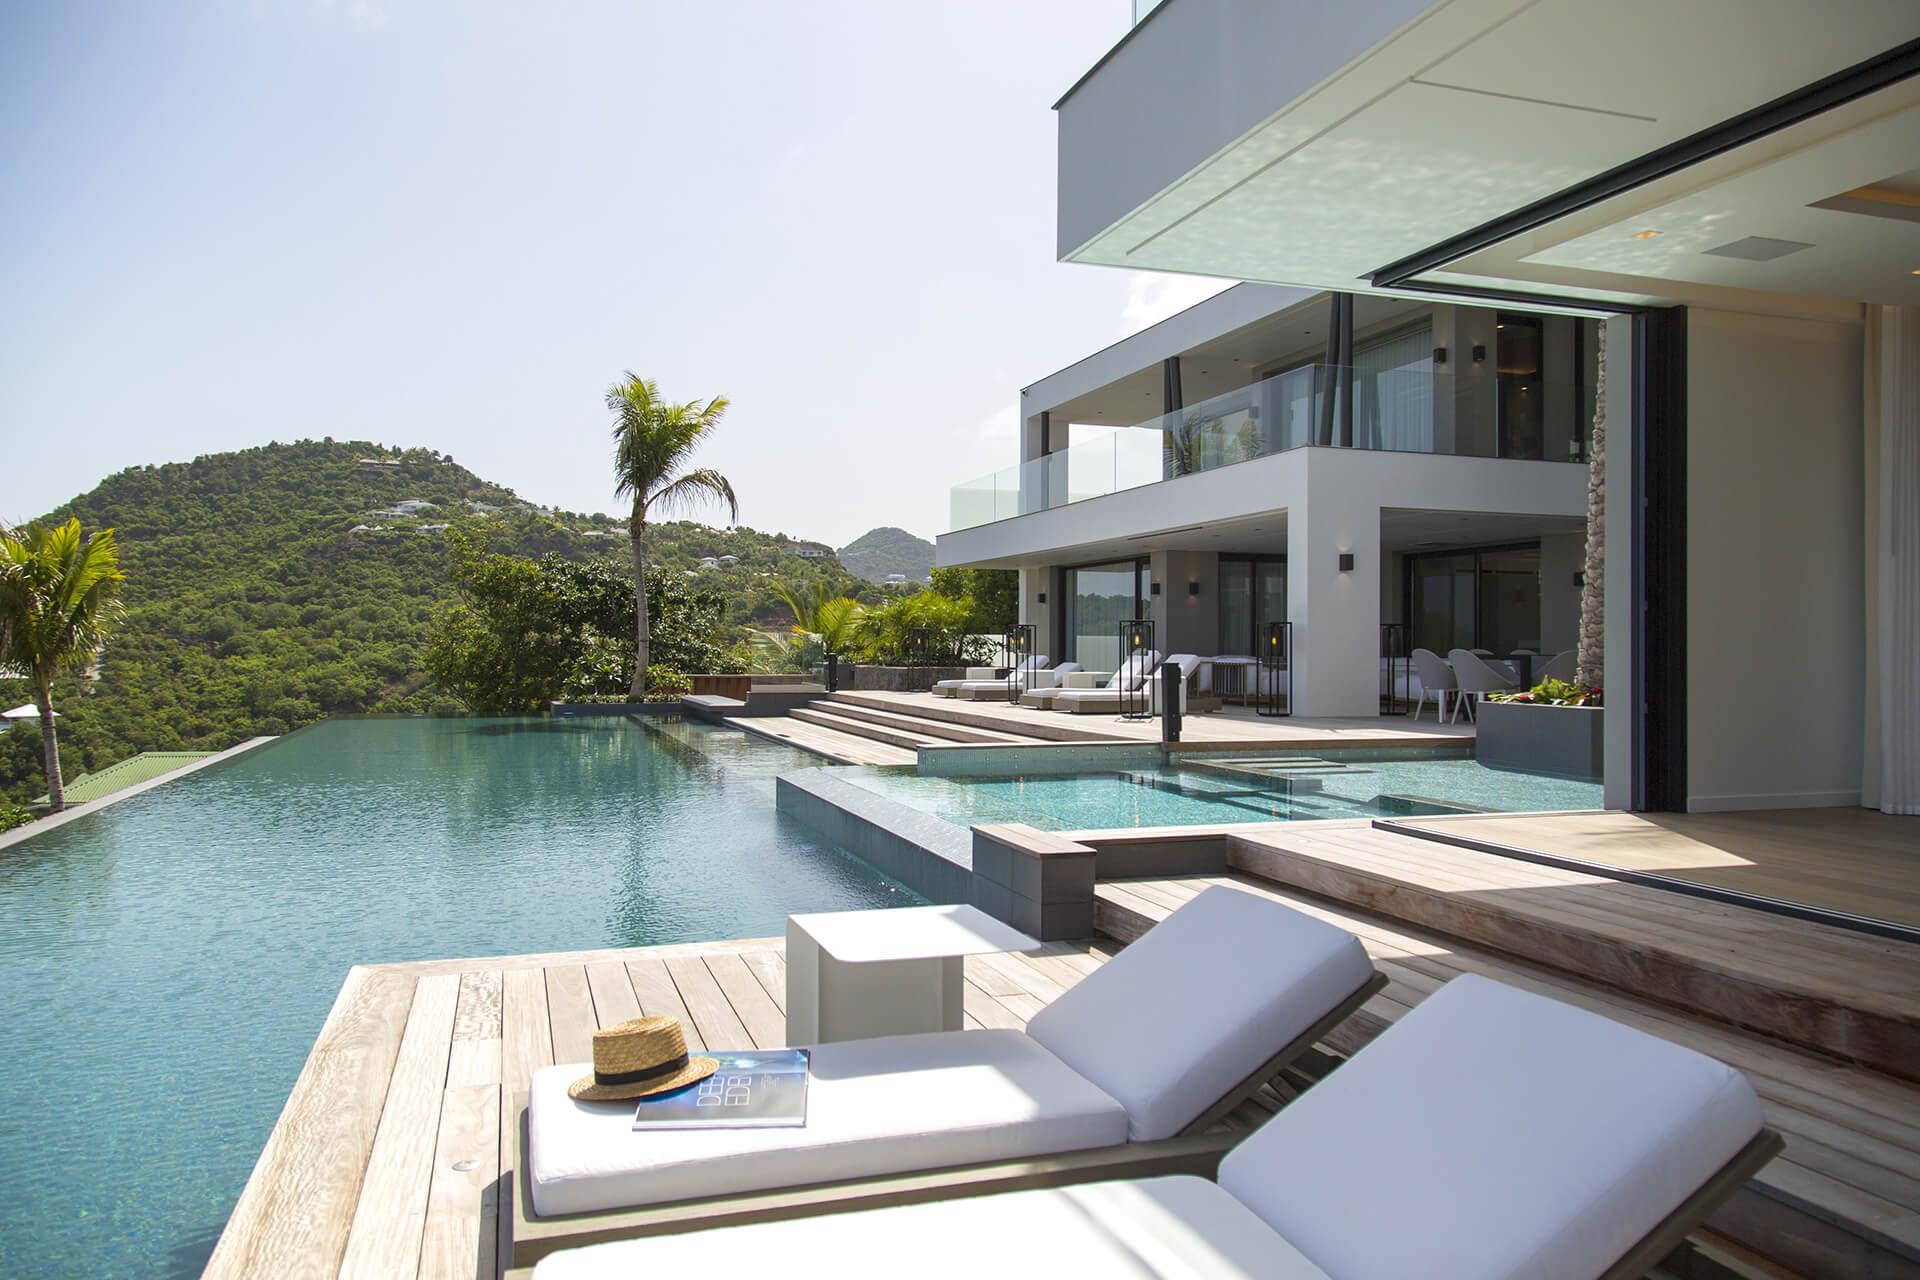 Design et architecture haut de gamme